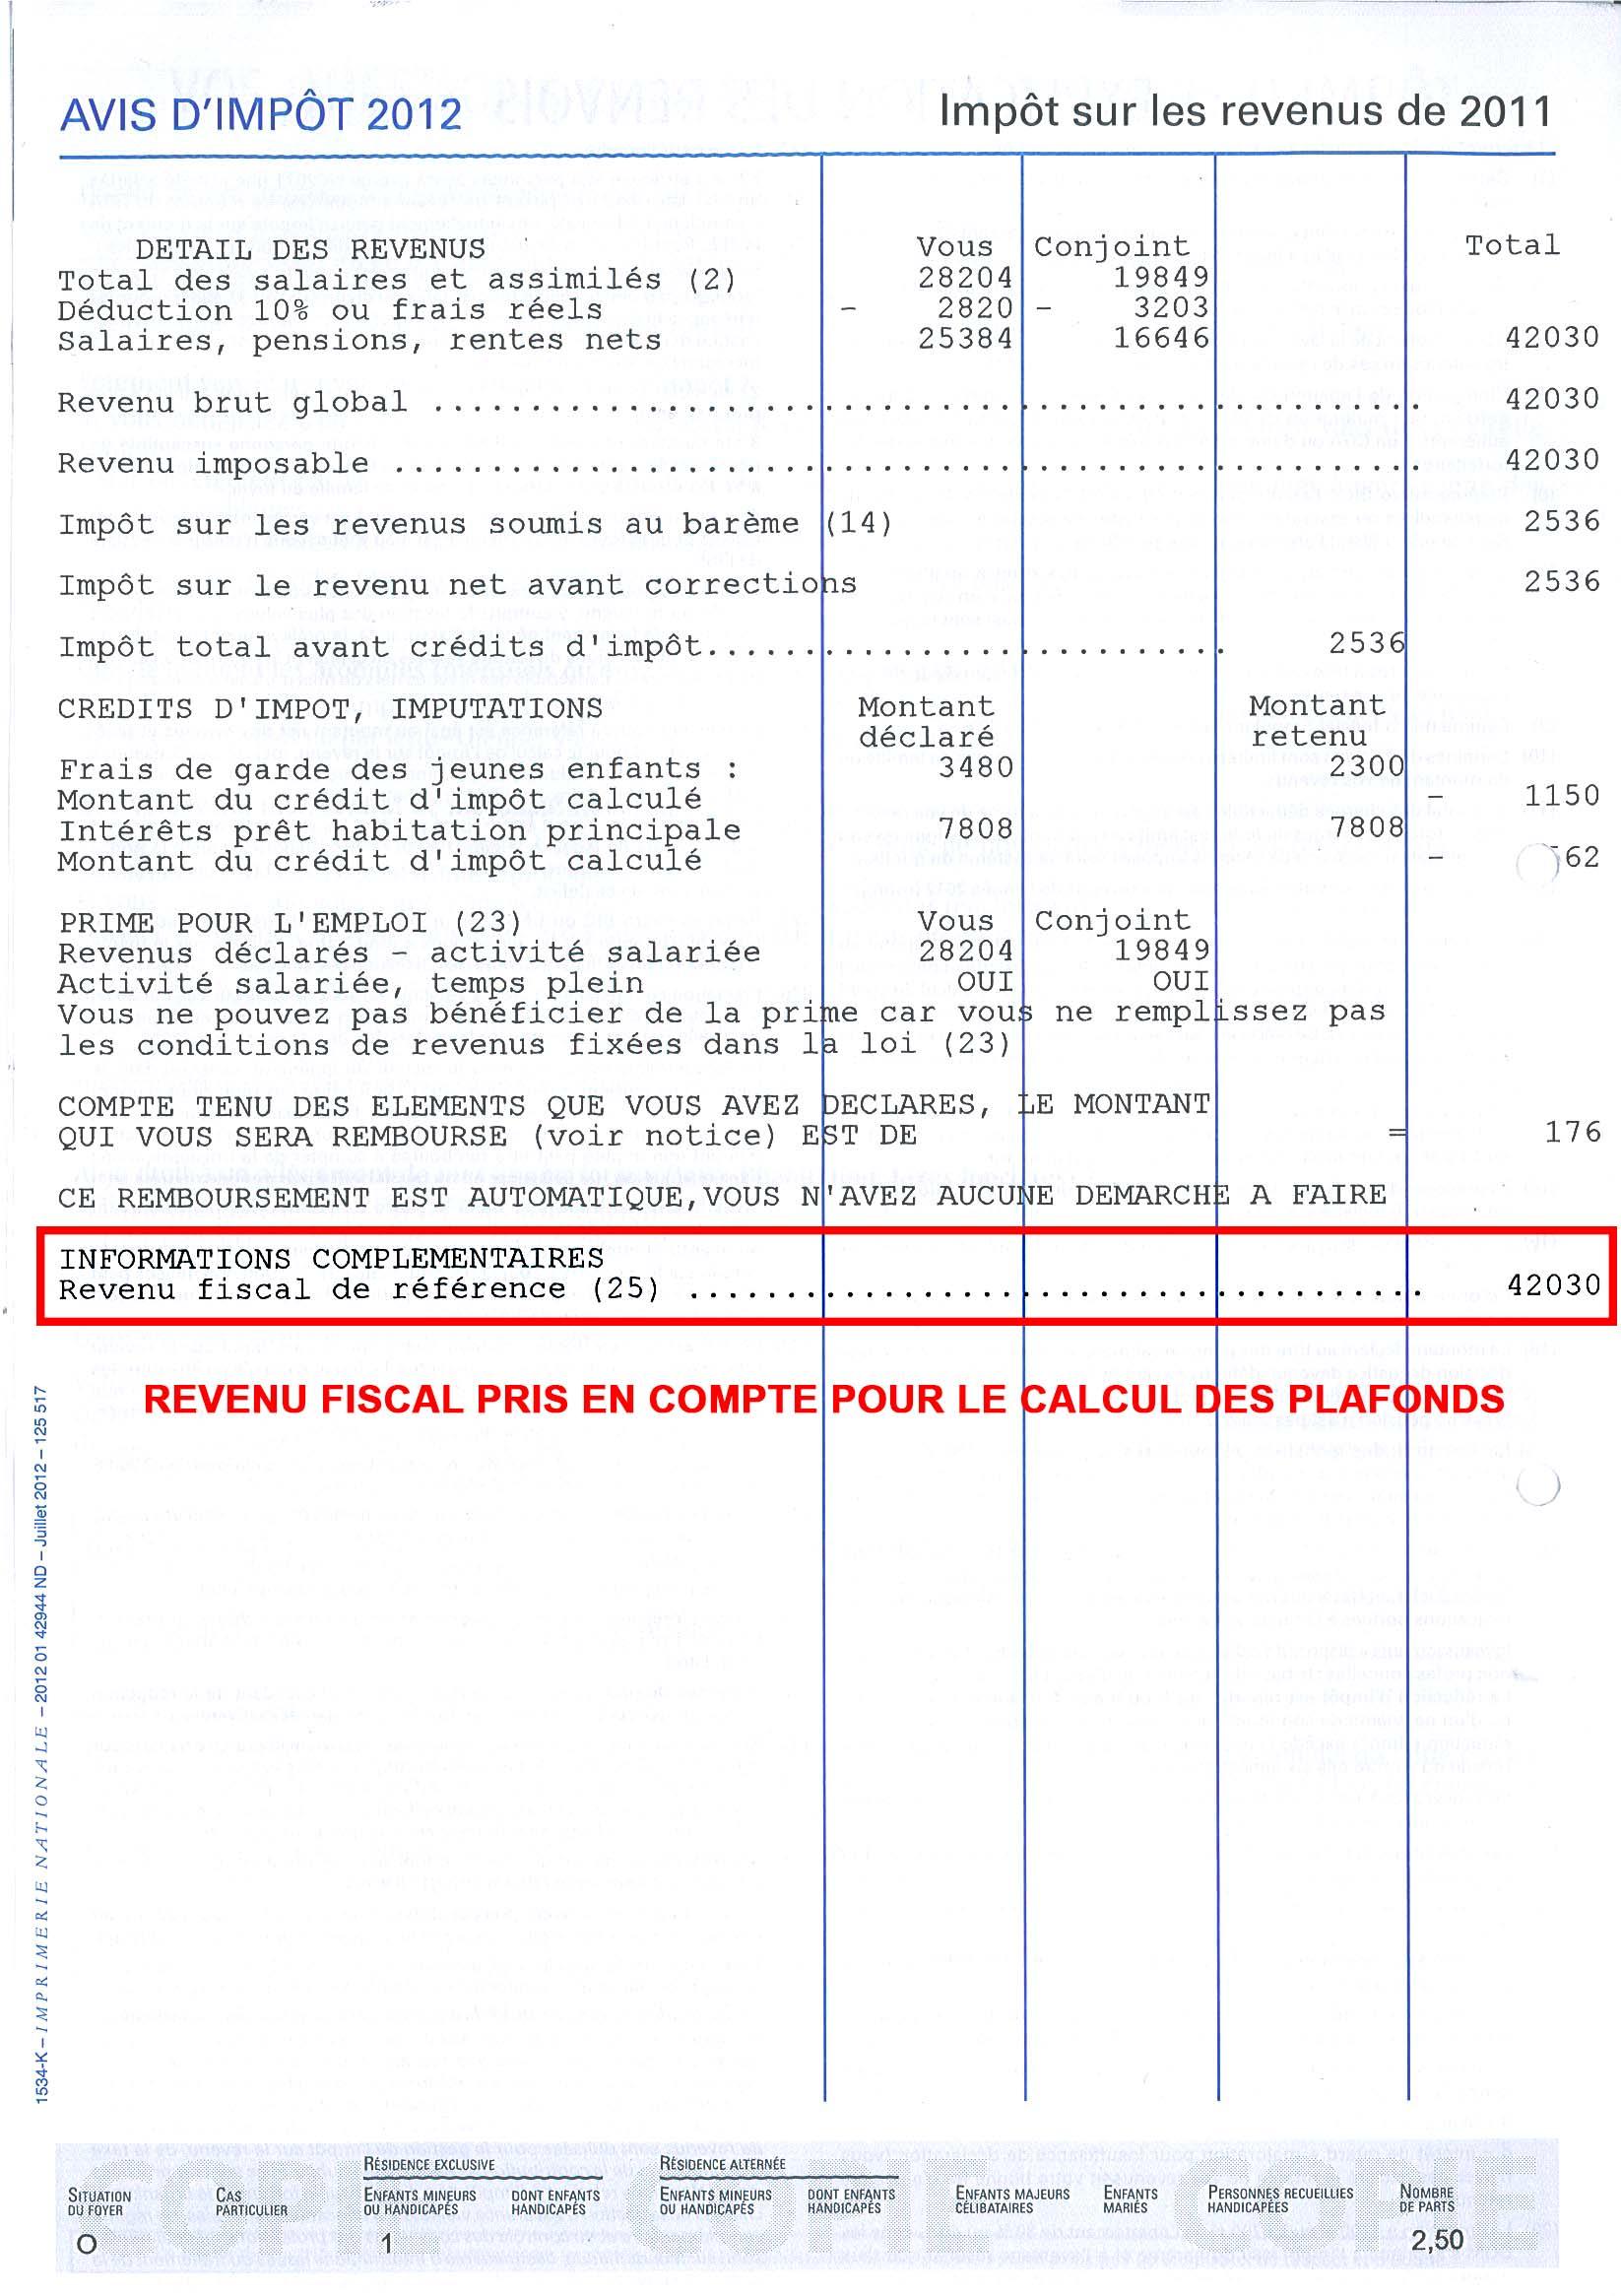 Loi Duflot Guide Gratuit Simulation Personnalisee Plafond